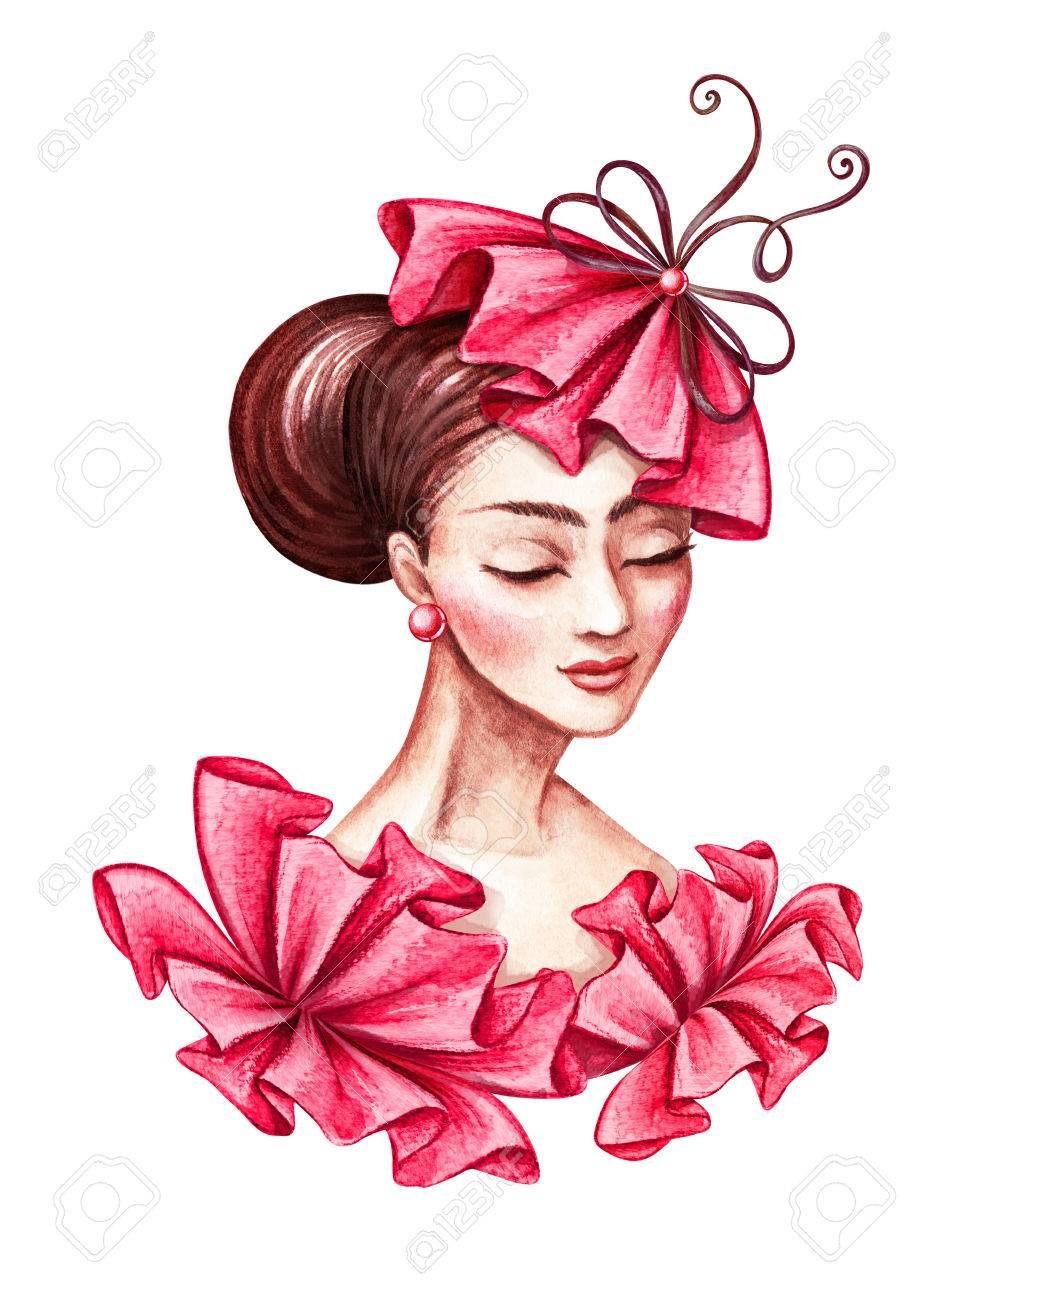 Ilustración De Acuarela, Retrato De Mujer Joven Y Bella, Vistiendo ...